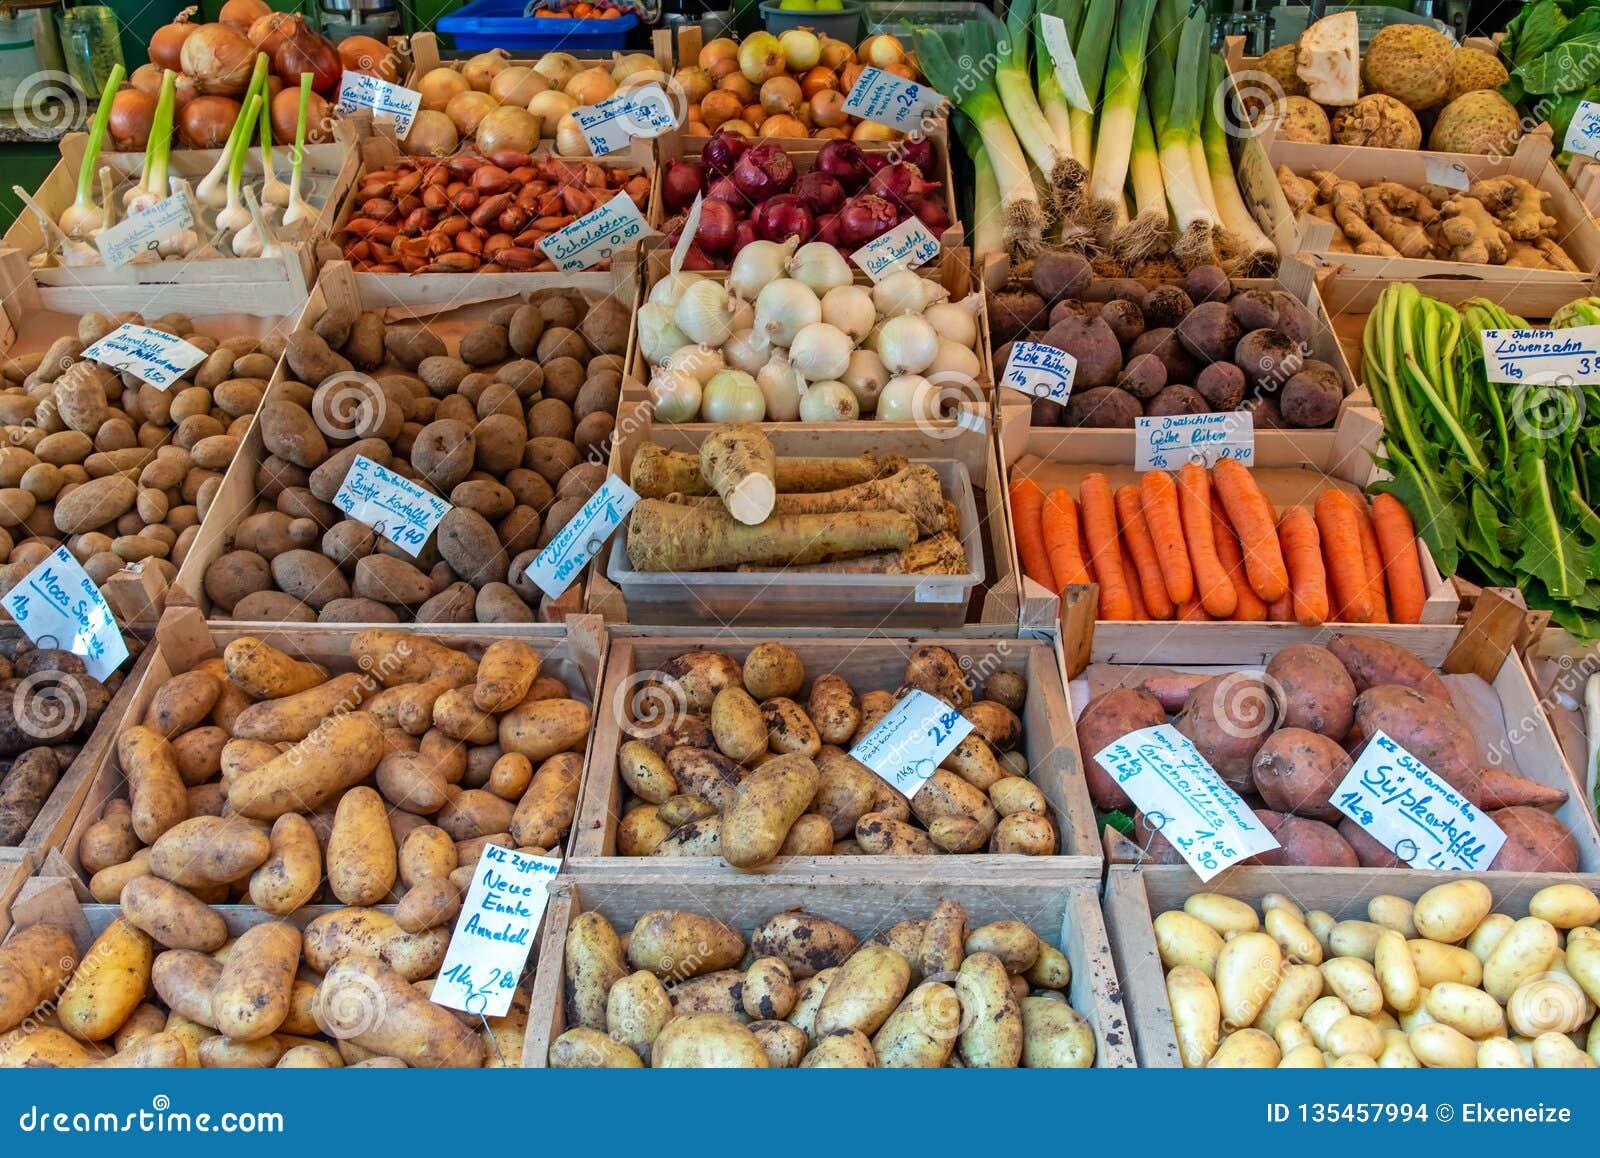 Olika sorter av potatisar och andra grönsaker